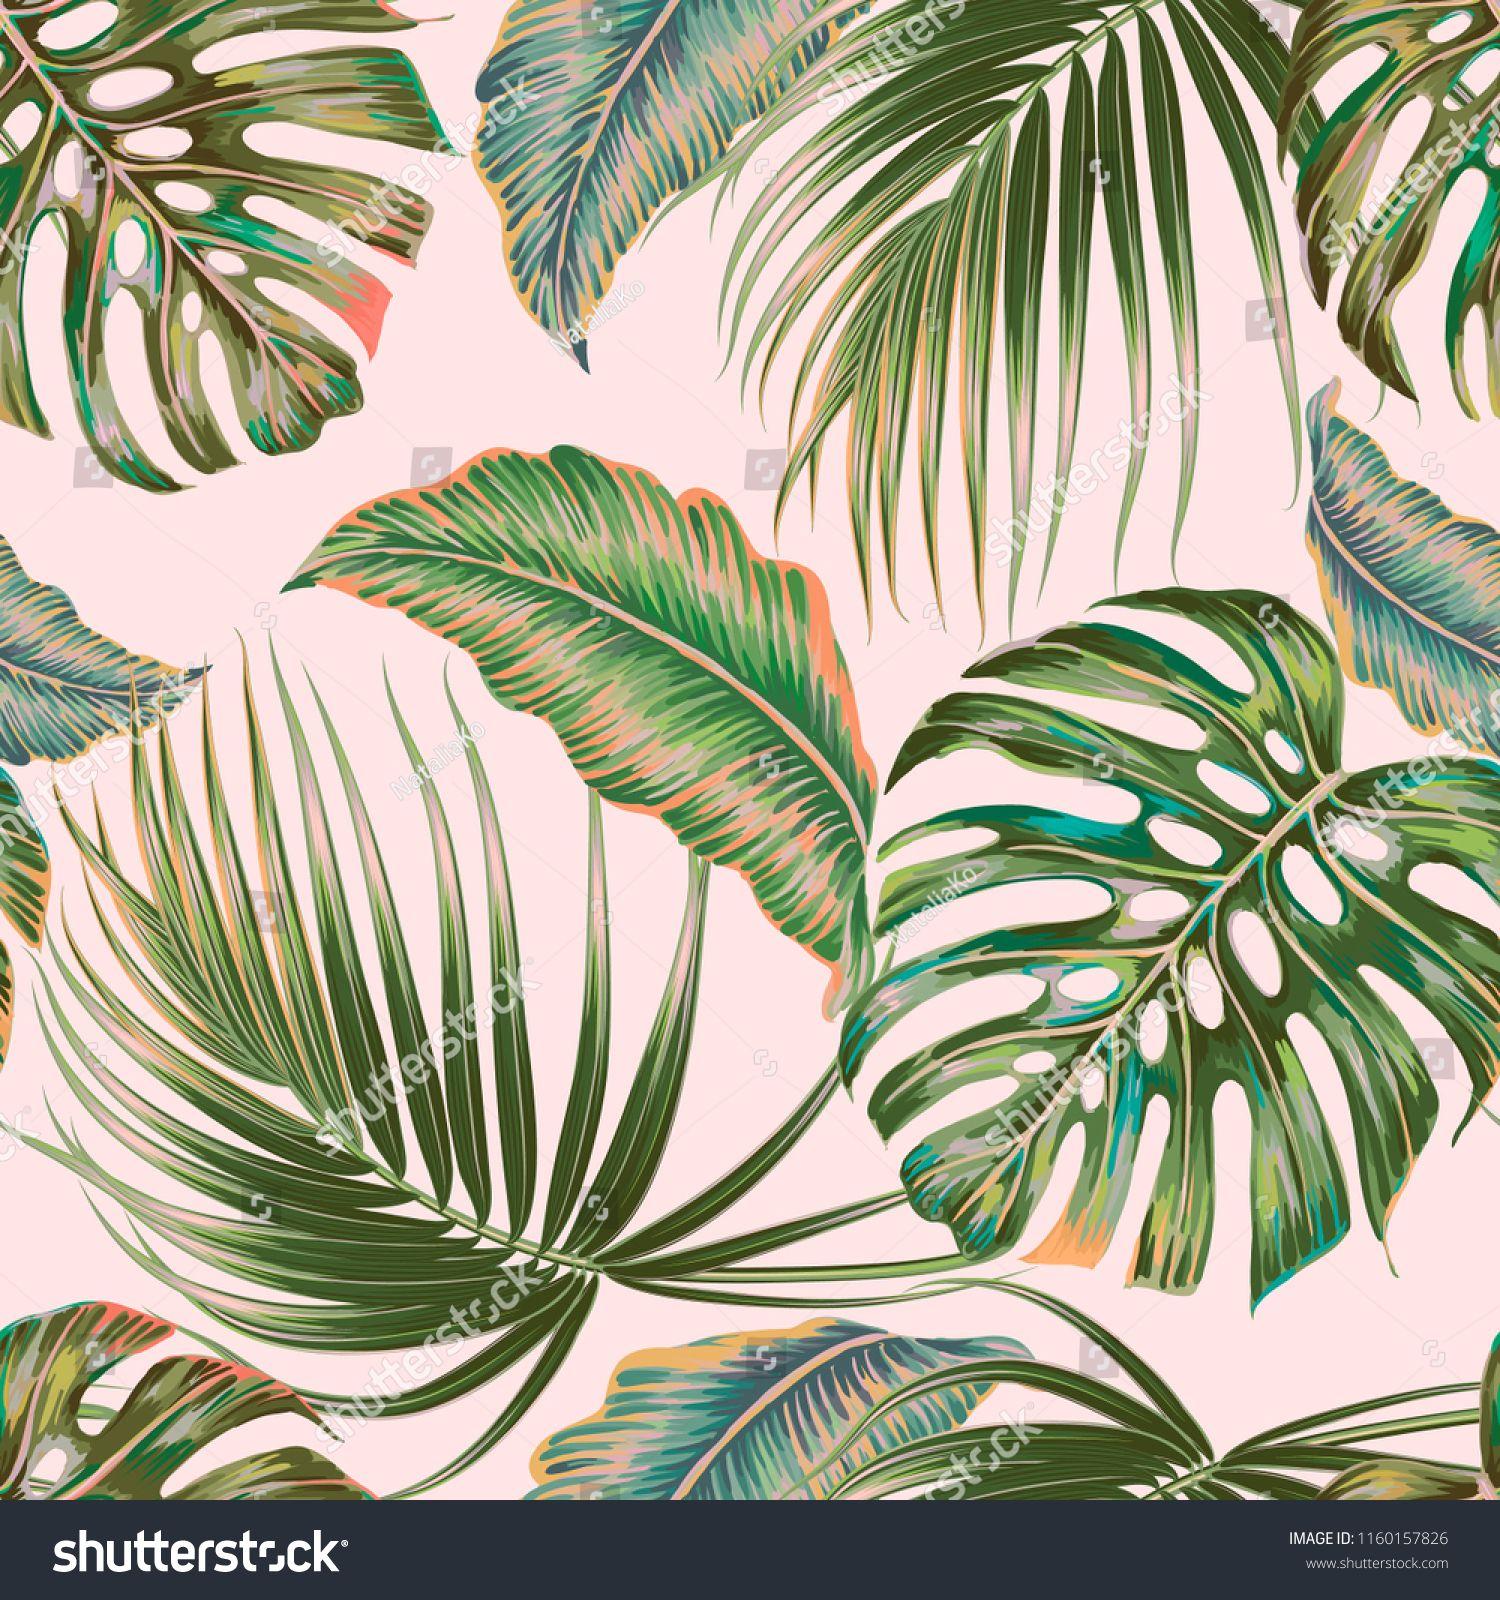 Tropical Palm Leaves Jungle Leaf Vector Seamless Floral Pattern Background Vintage Botanical Wallpaper Il Leaves Vector Botanical Wallpaper Vintage Botanical Find over 100+ of the best free tropical leaves images. tropical palm leaves jungle leaf